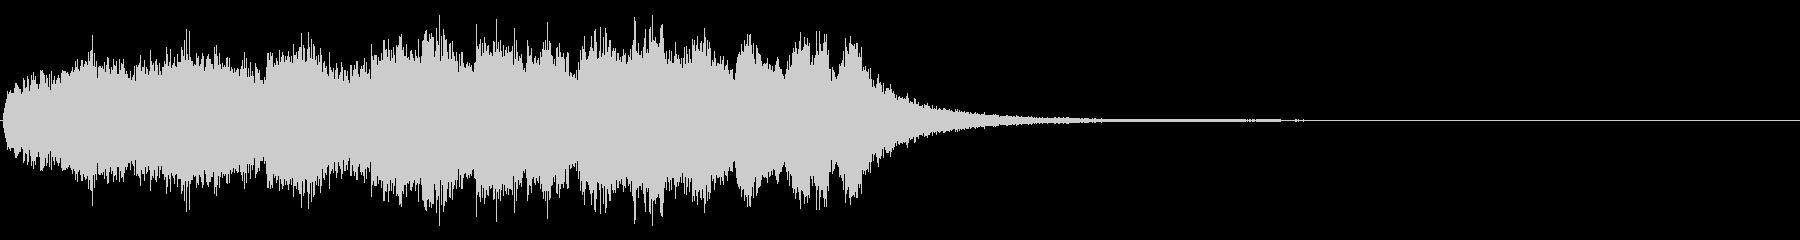 効果音C : アトラクション 発車 到着の未再生の波形